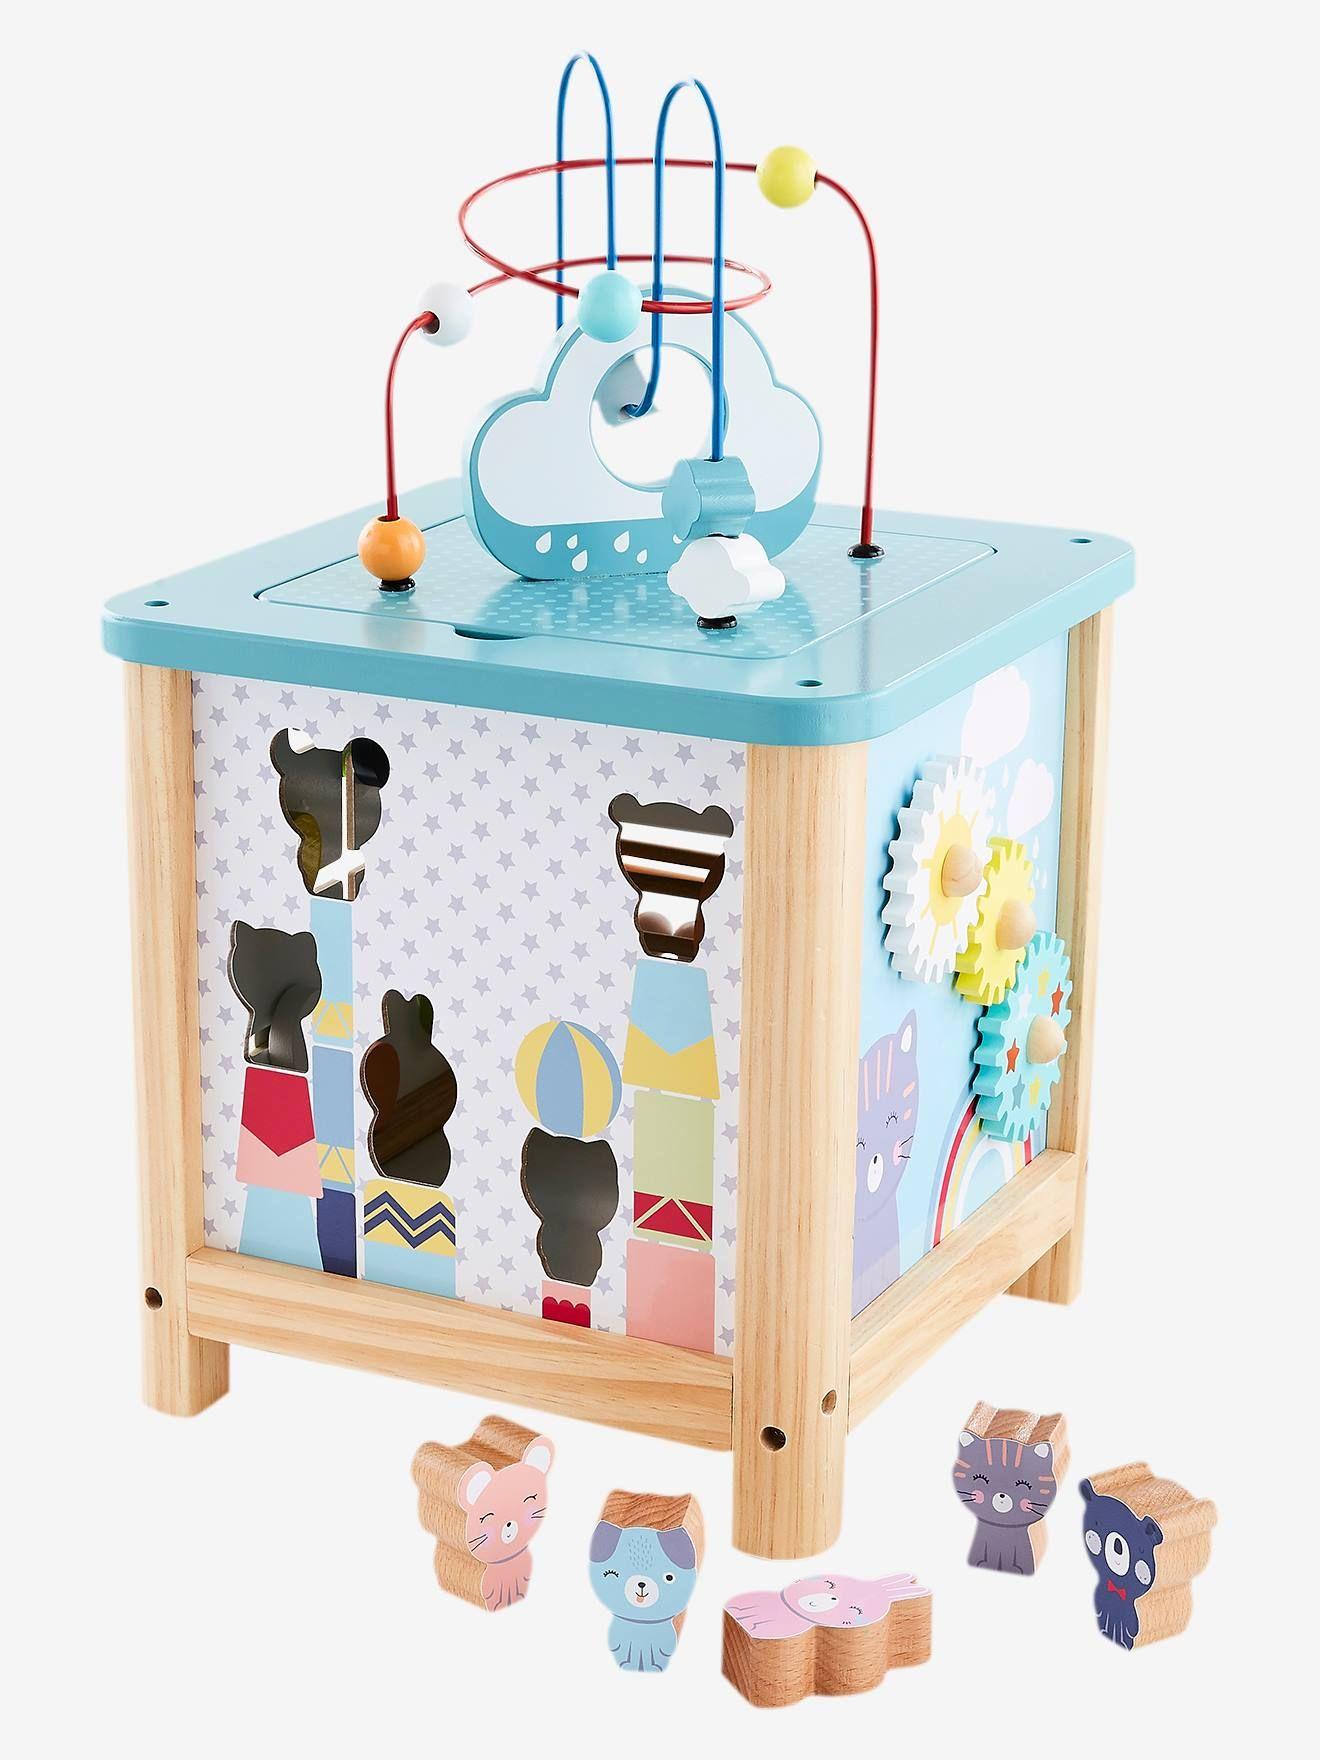 Grand Cube D Activites En Bois Multicolore Un Cube D Activites En Bois Taille Xl Qui Ne Manque Pas D Idees Pour Eveiller Et E Cube D Activite Cubes Jeux Bebe